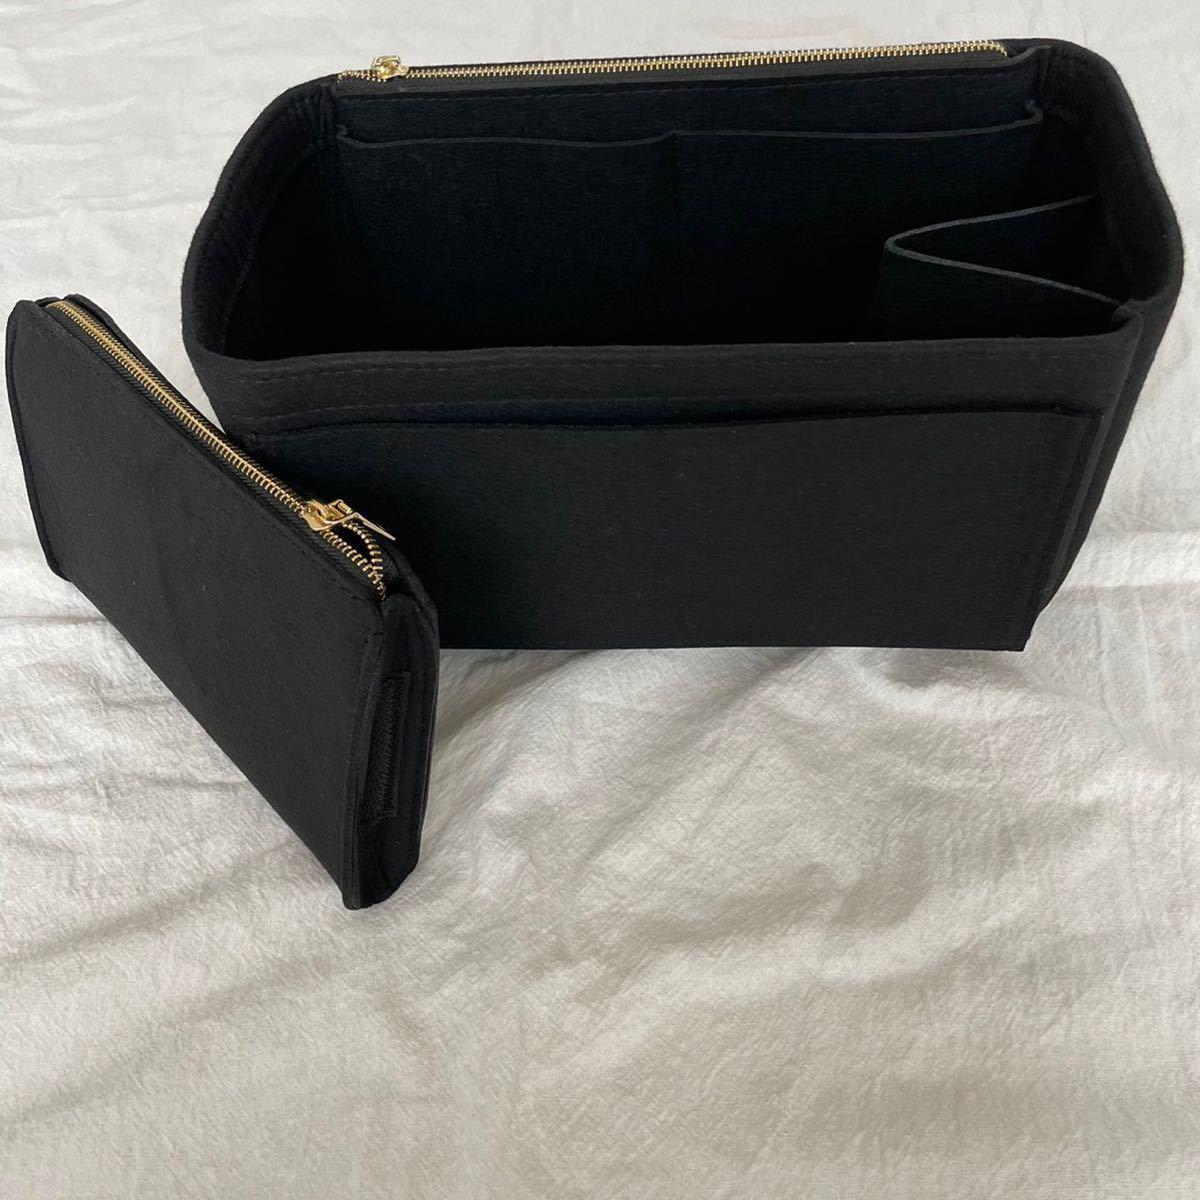 バッグインバッグ バッグ 収納 大容量 軽量 トートバッグ ハンドバッグ 化粧ポーチ メイクポーチ 旅行ポーチ